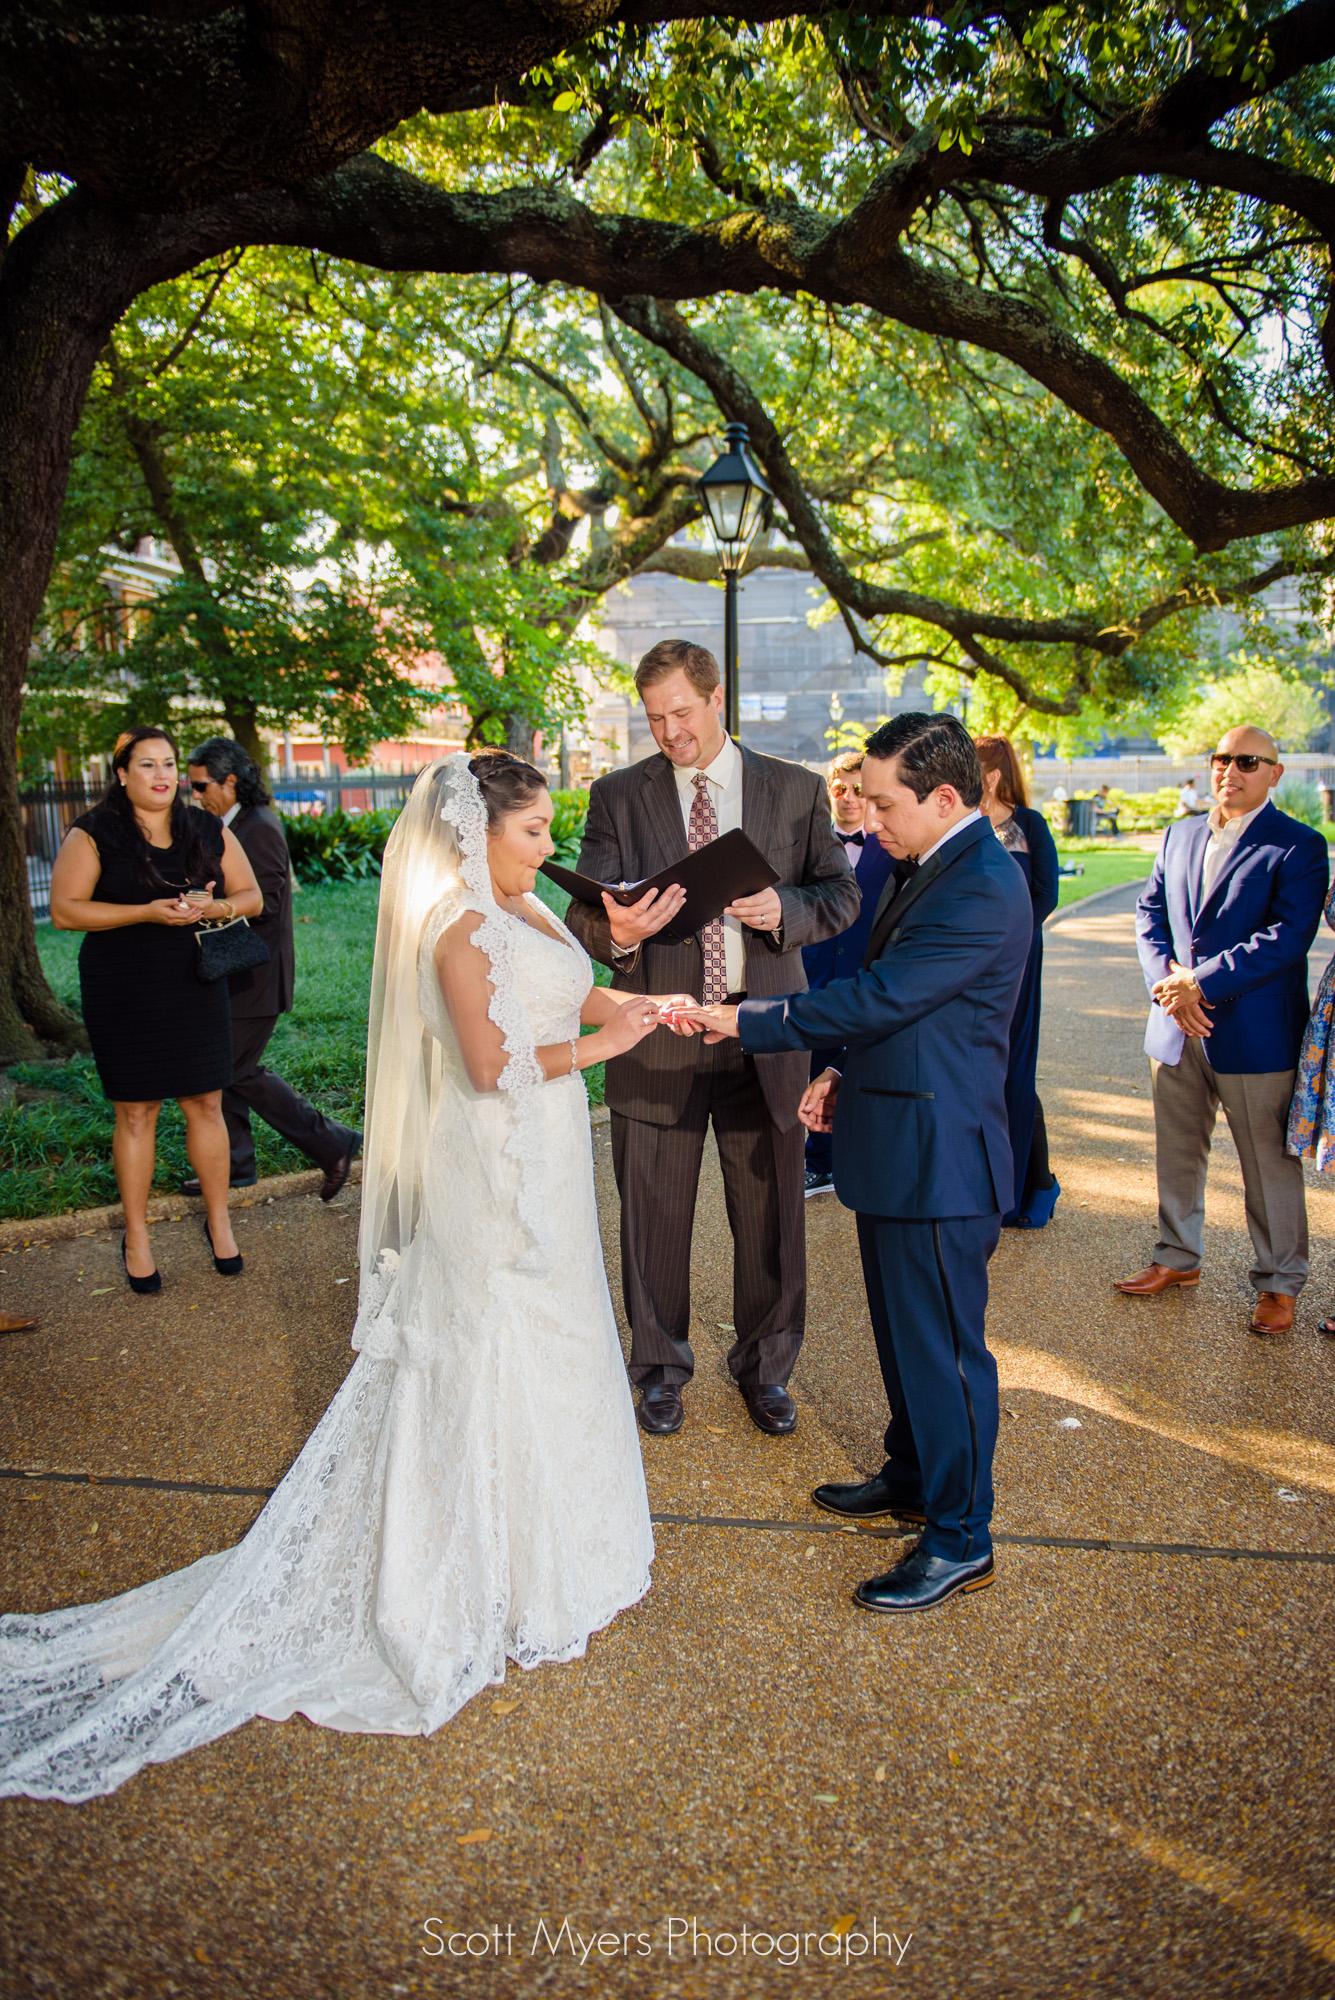 Scott_Myers_Wedding_New_Orleans_024.jpg